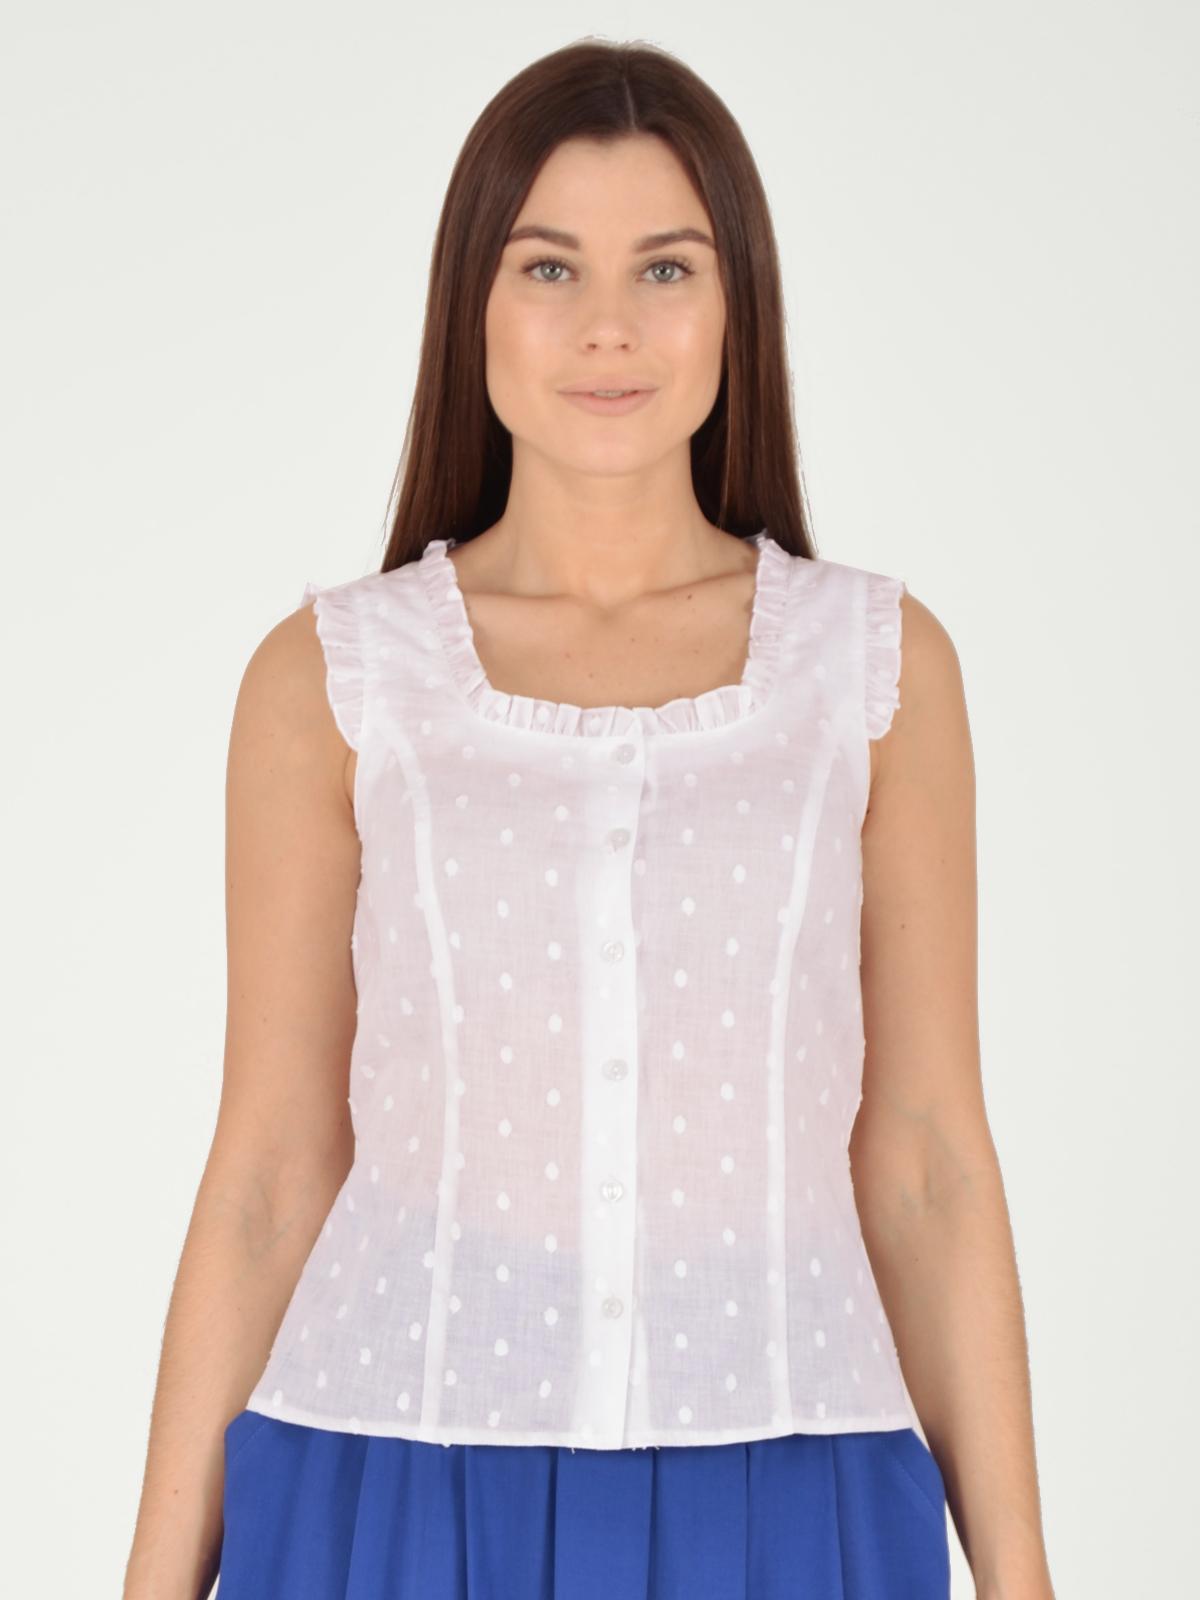 Купить Блузка женская из текстиля, МОСМЕХА, белый, 5600093